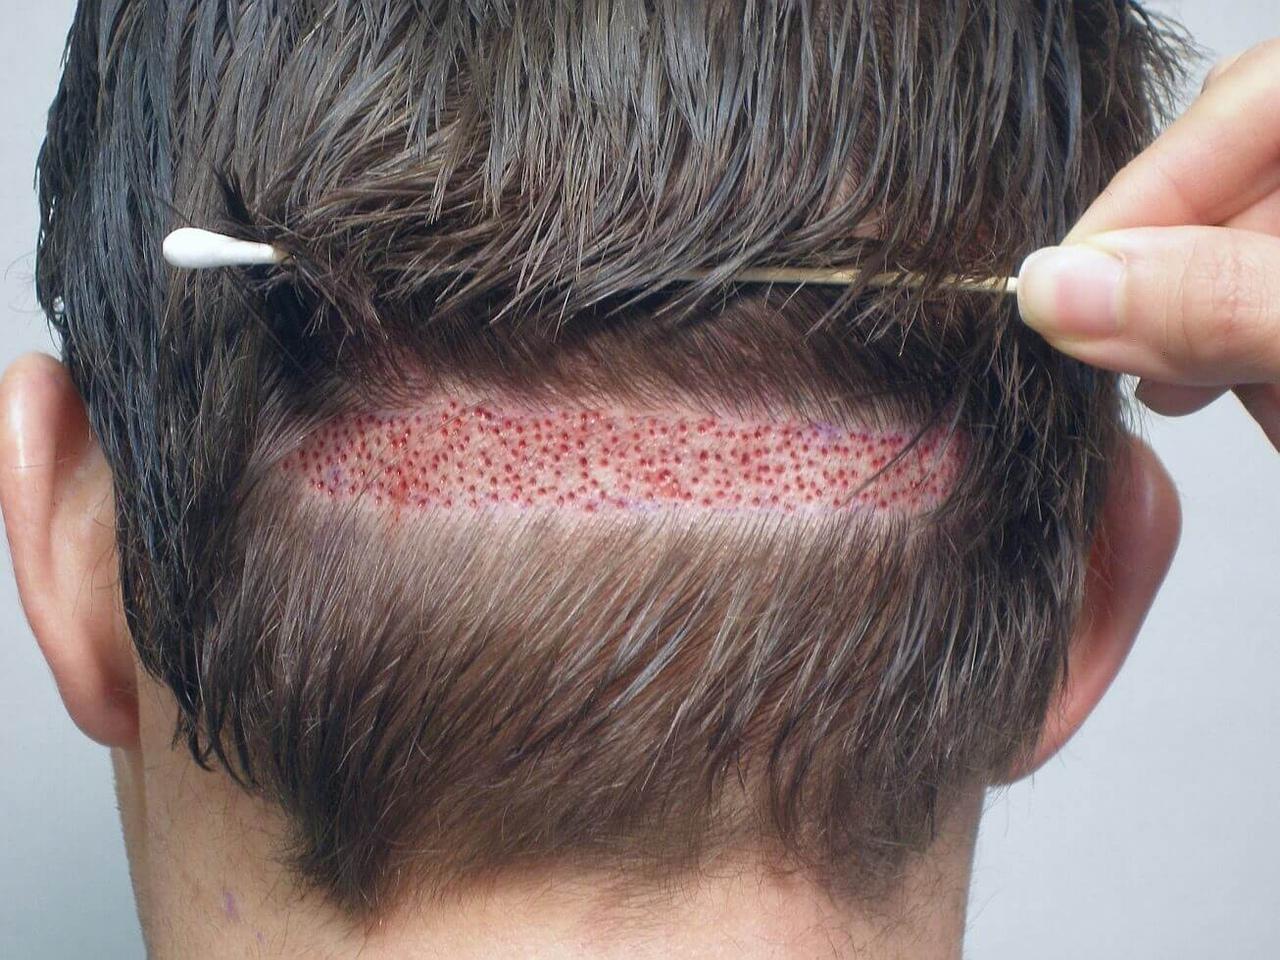 Актуальная проблема облысения кожи головы